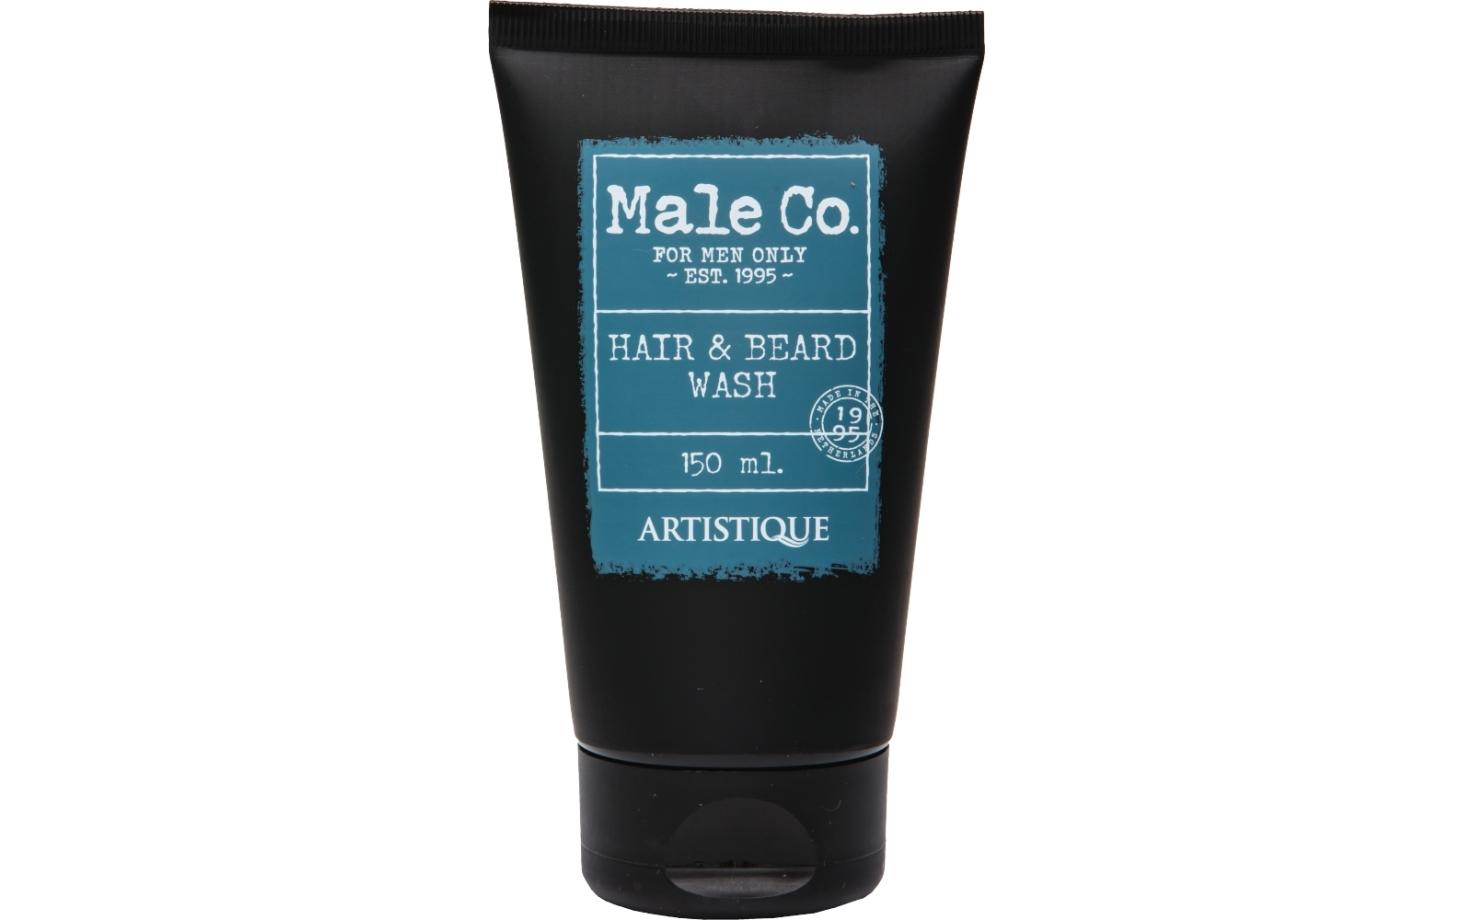 Male Co. Hair & Beard Wash